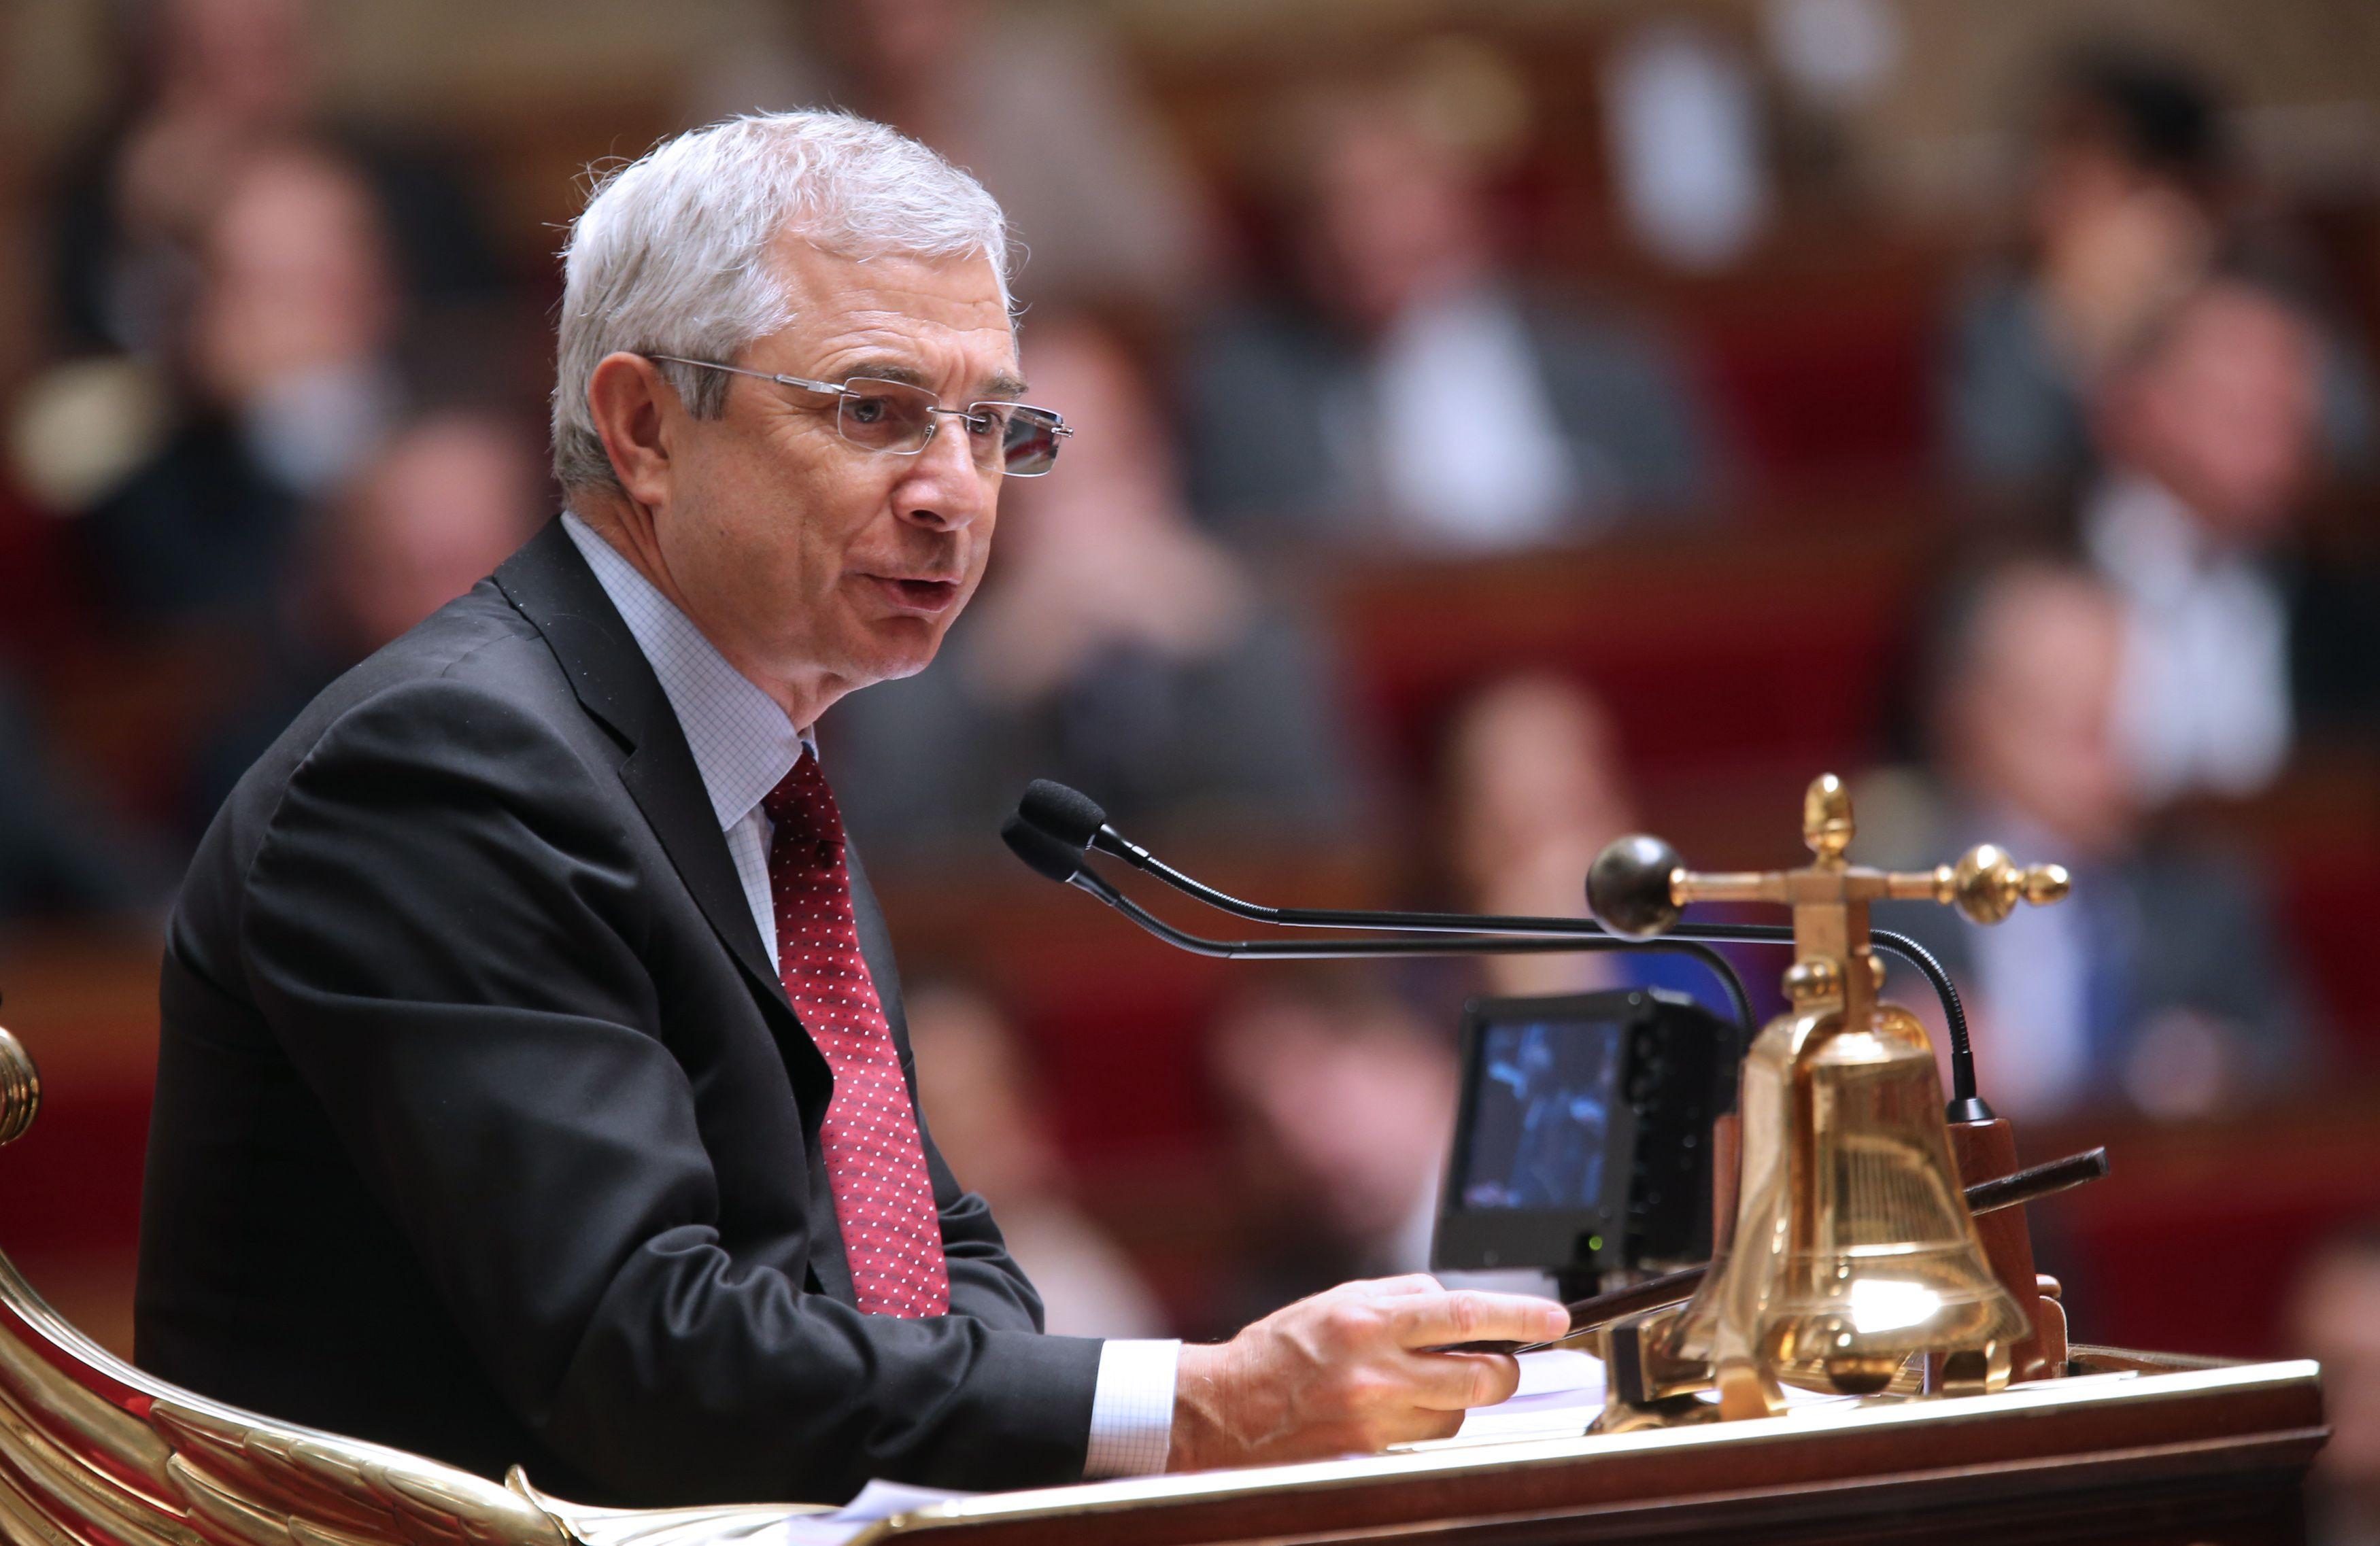 Municipales 2014 : Bartolone candidat au Pré-Saint-Gervais avec le Grand Paris en tête